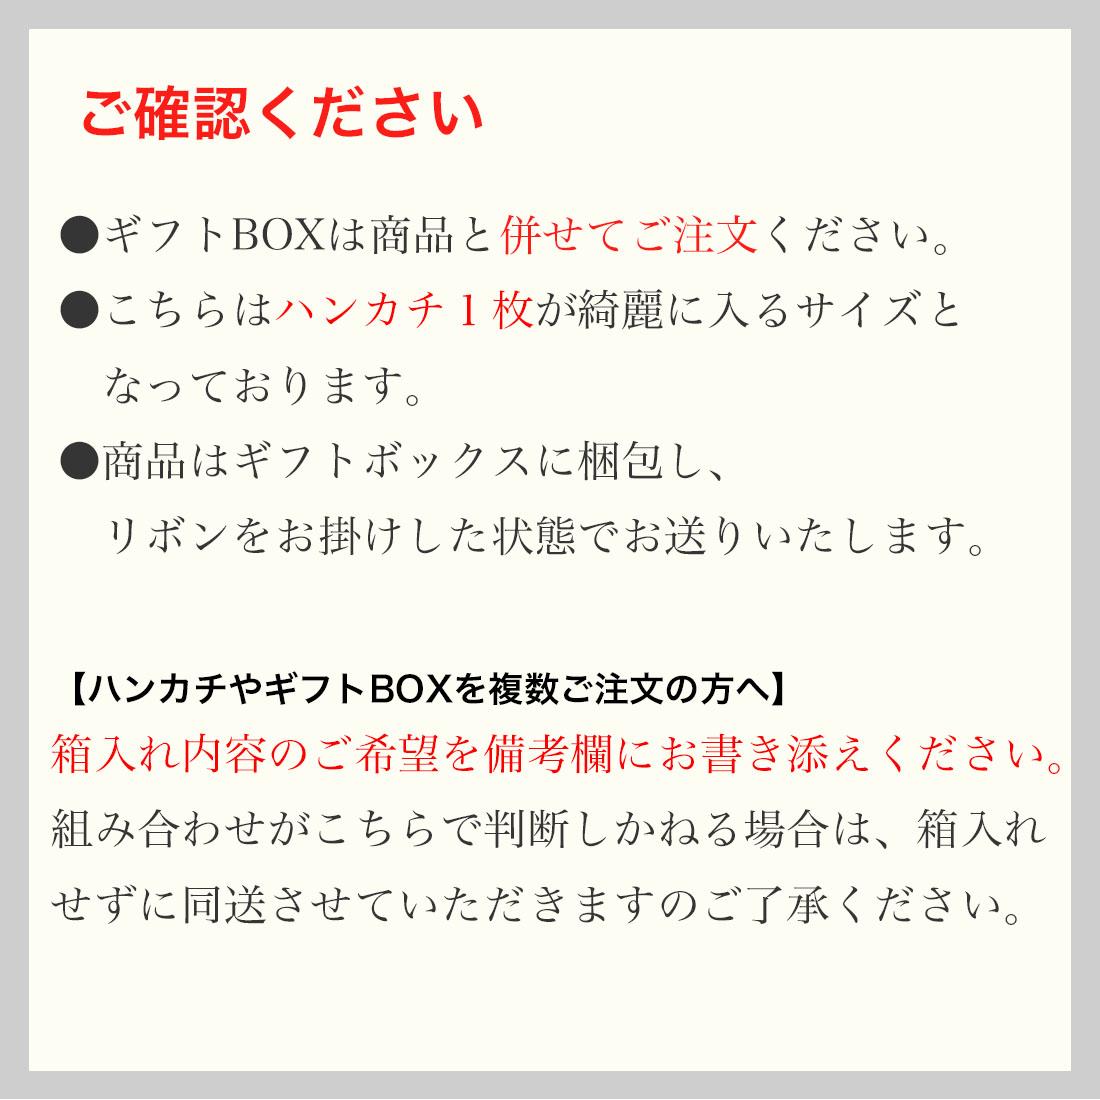 ハンカチーフギャラリー正方形ギフトBOX(1枚入れ)